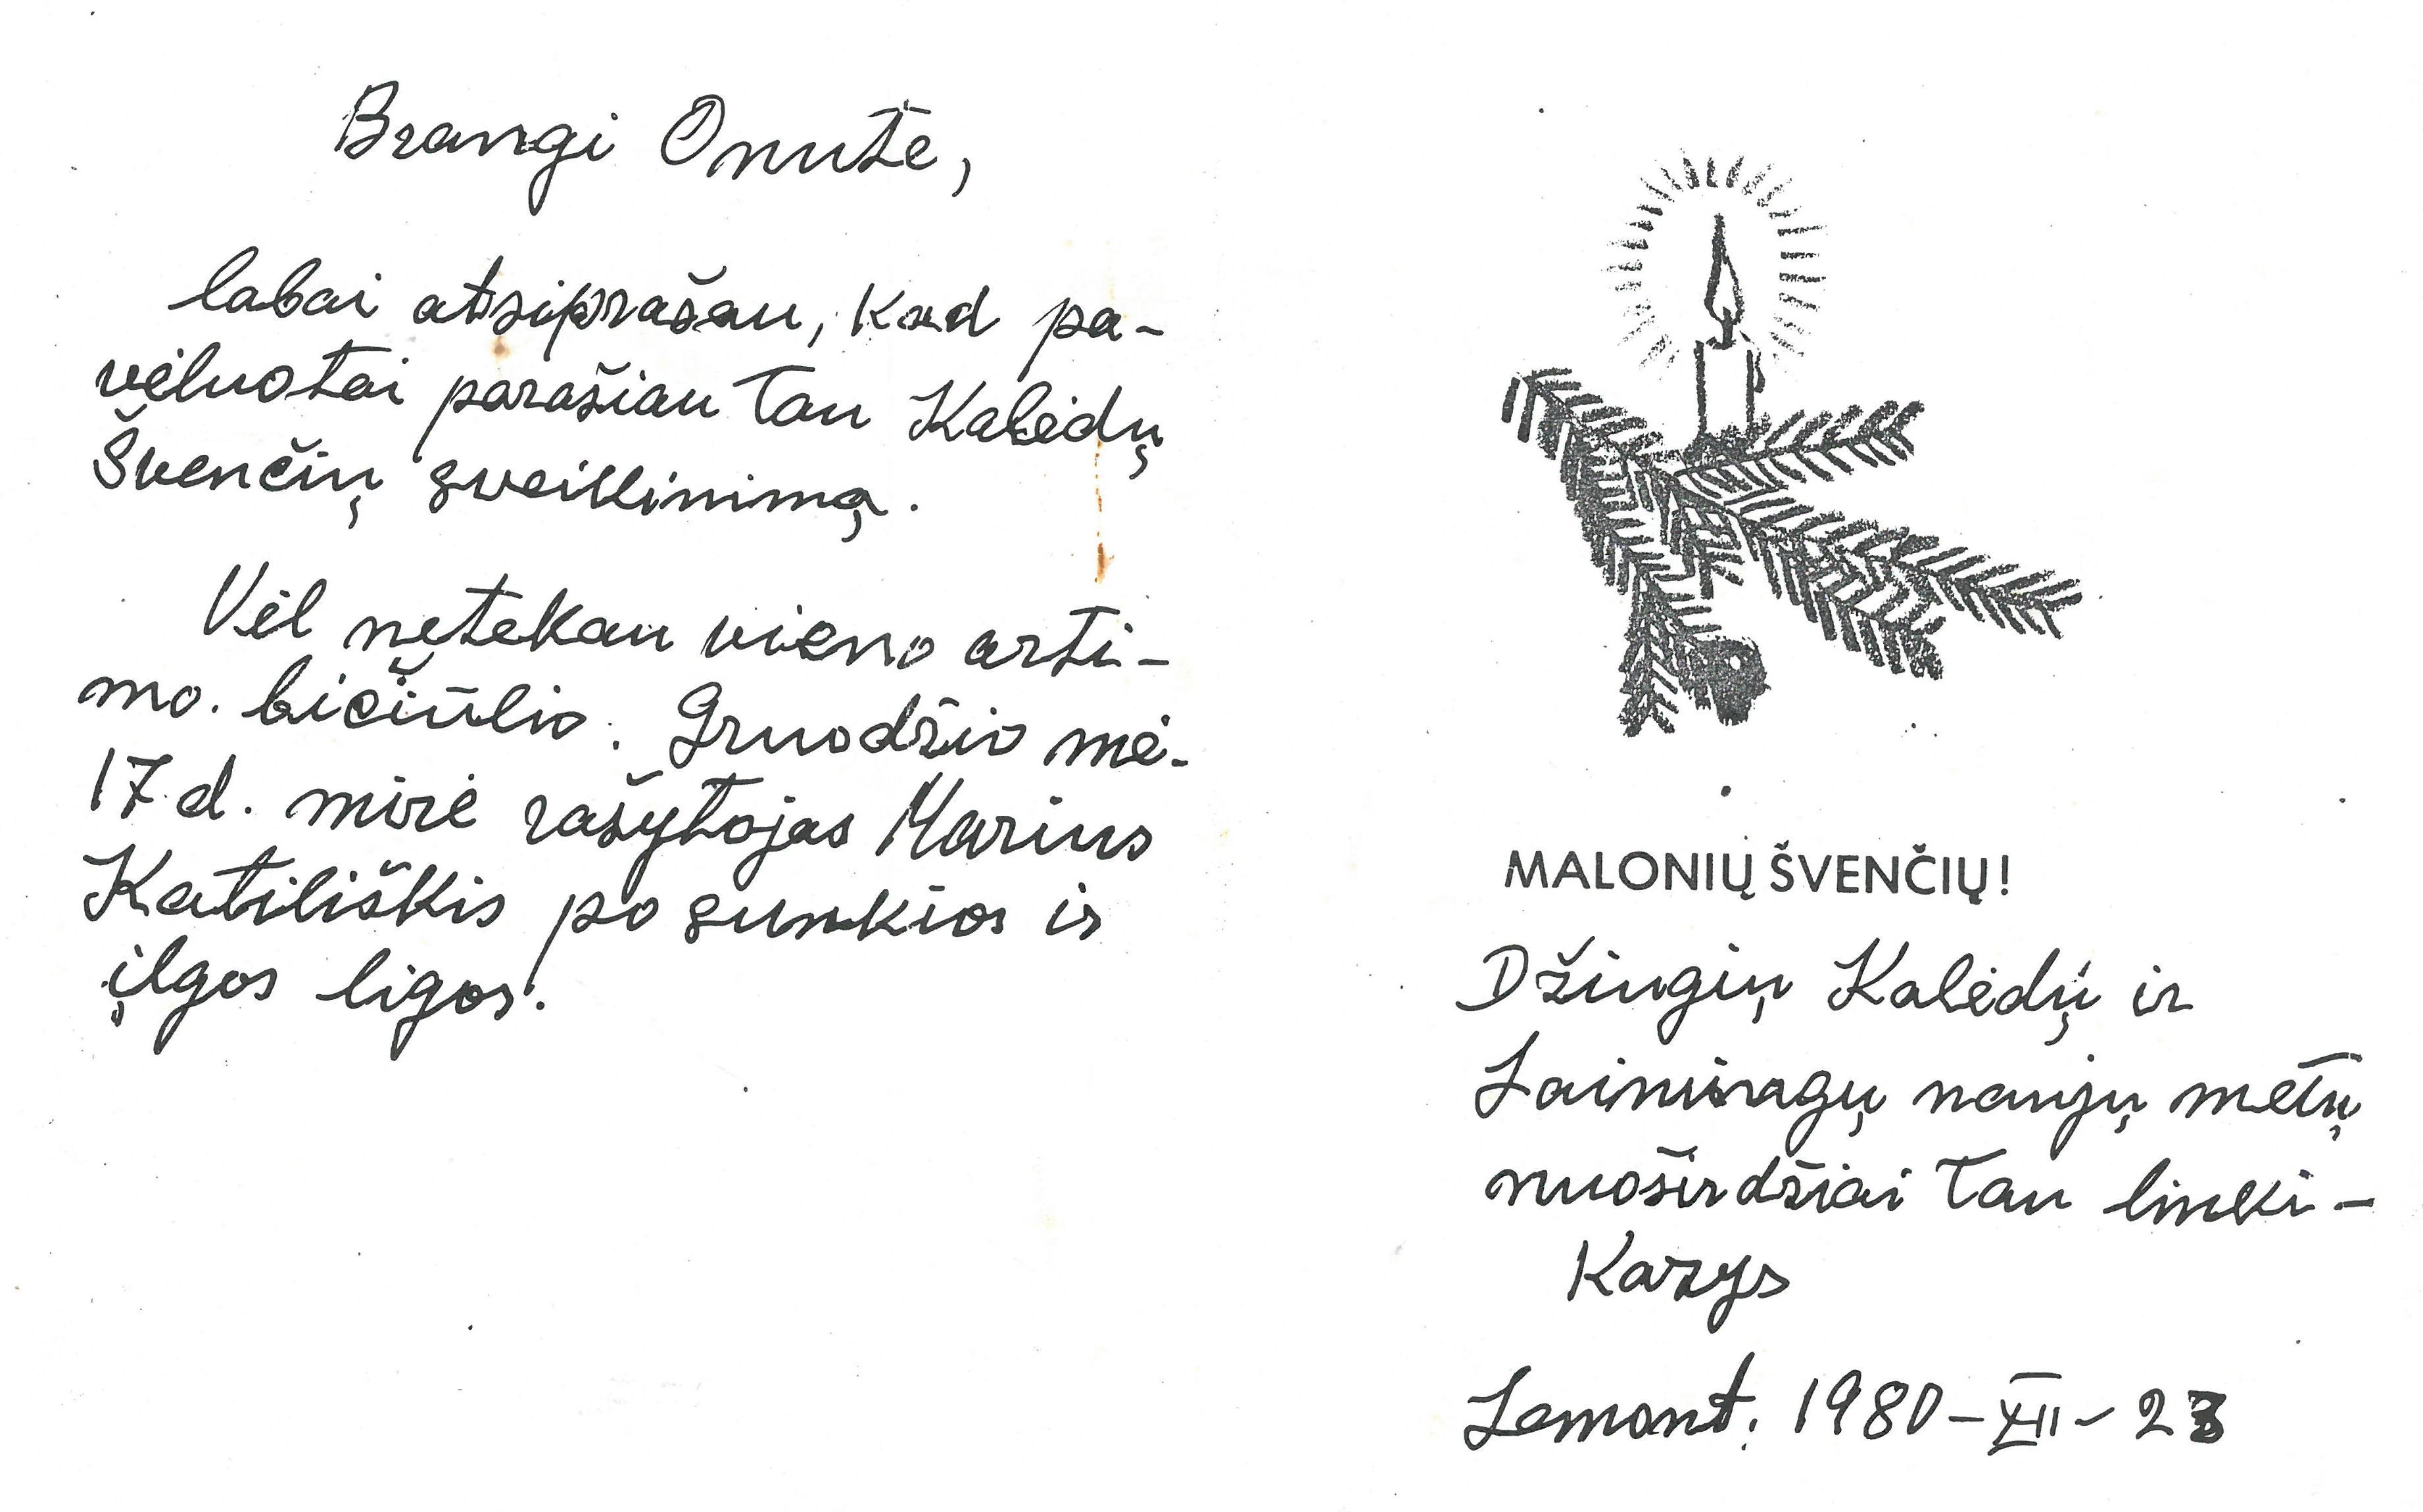 Kazio Balčiūno kalėdinis sveikinimas (kopija) žmonai Onai Balčiūnienei. 1980 m. gruodžio 23 d.